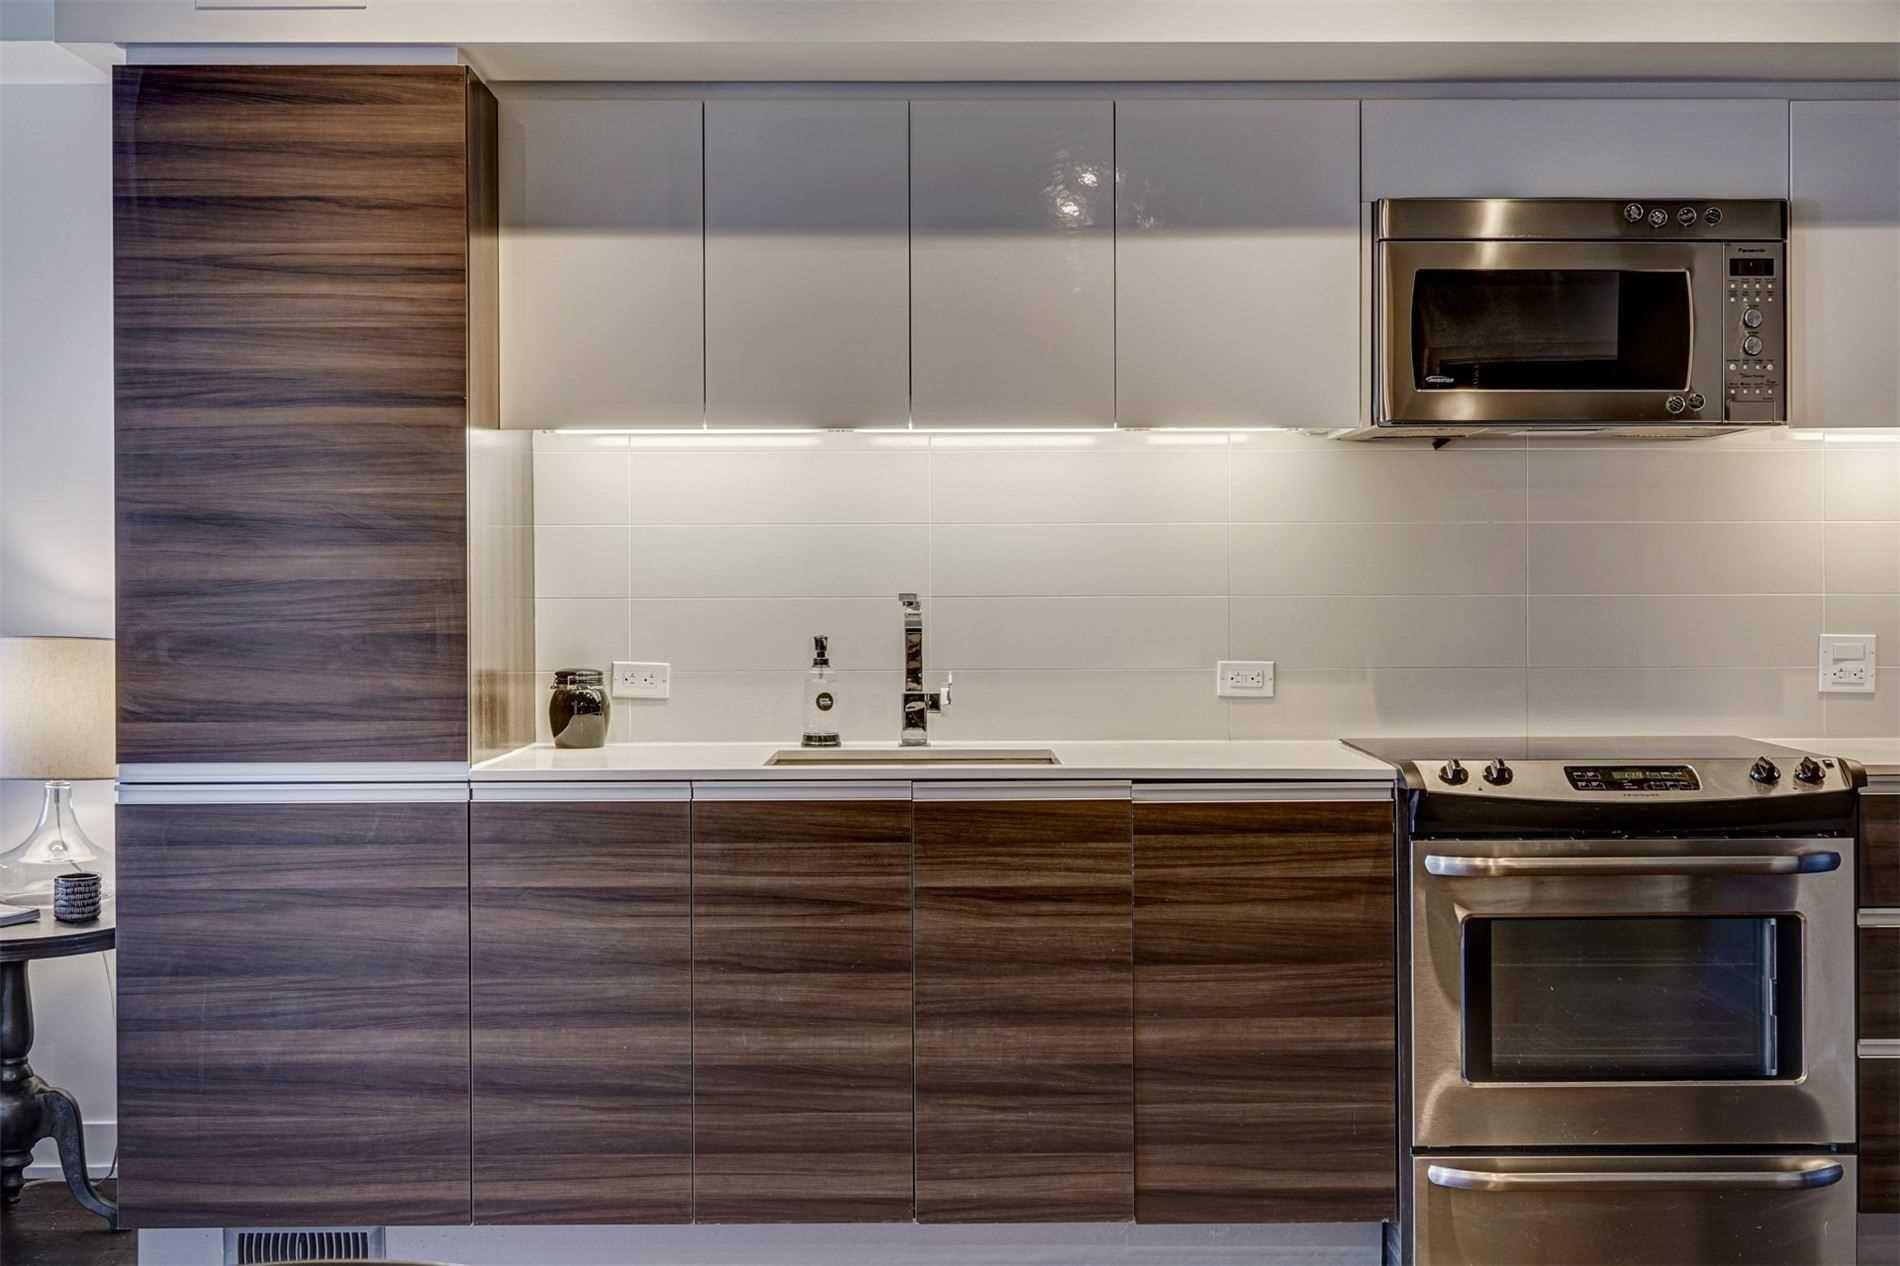 Photo 6: Photos: 722 1190 E Dundas Street in Toronto: South Riverdale Condo for sale (Toronto E01)  : MLS®# E5144551